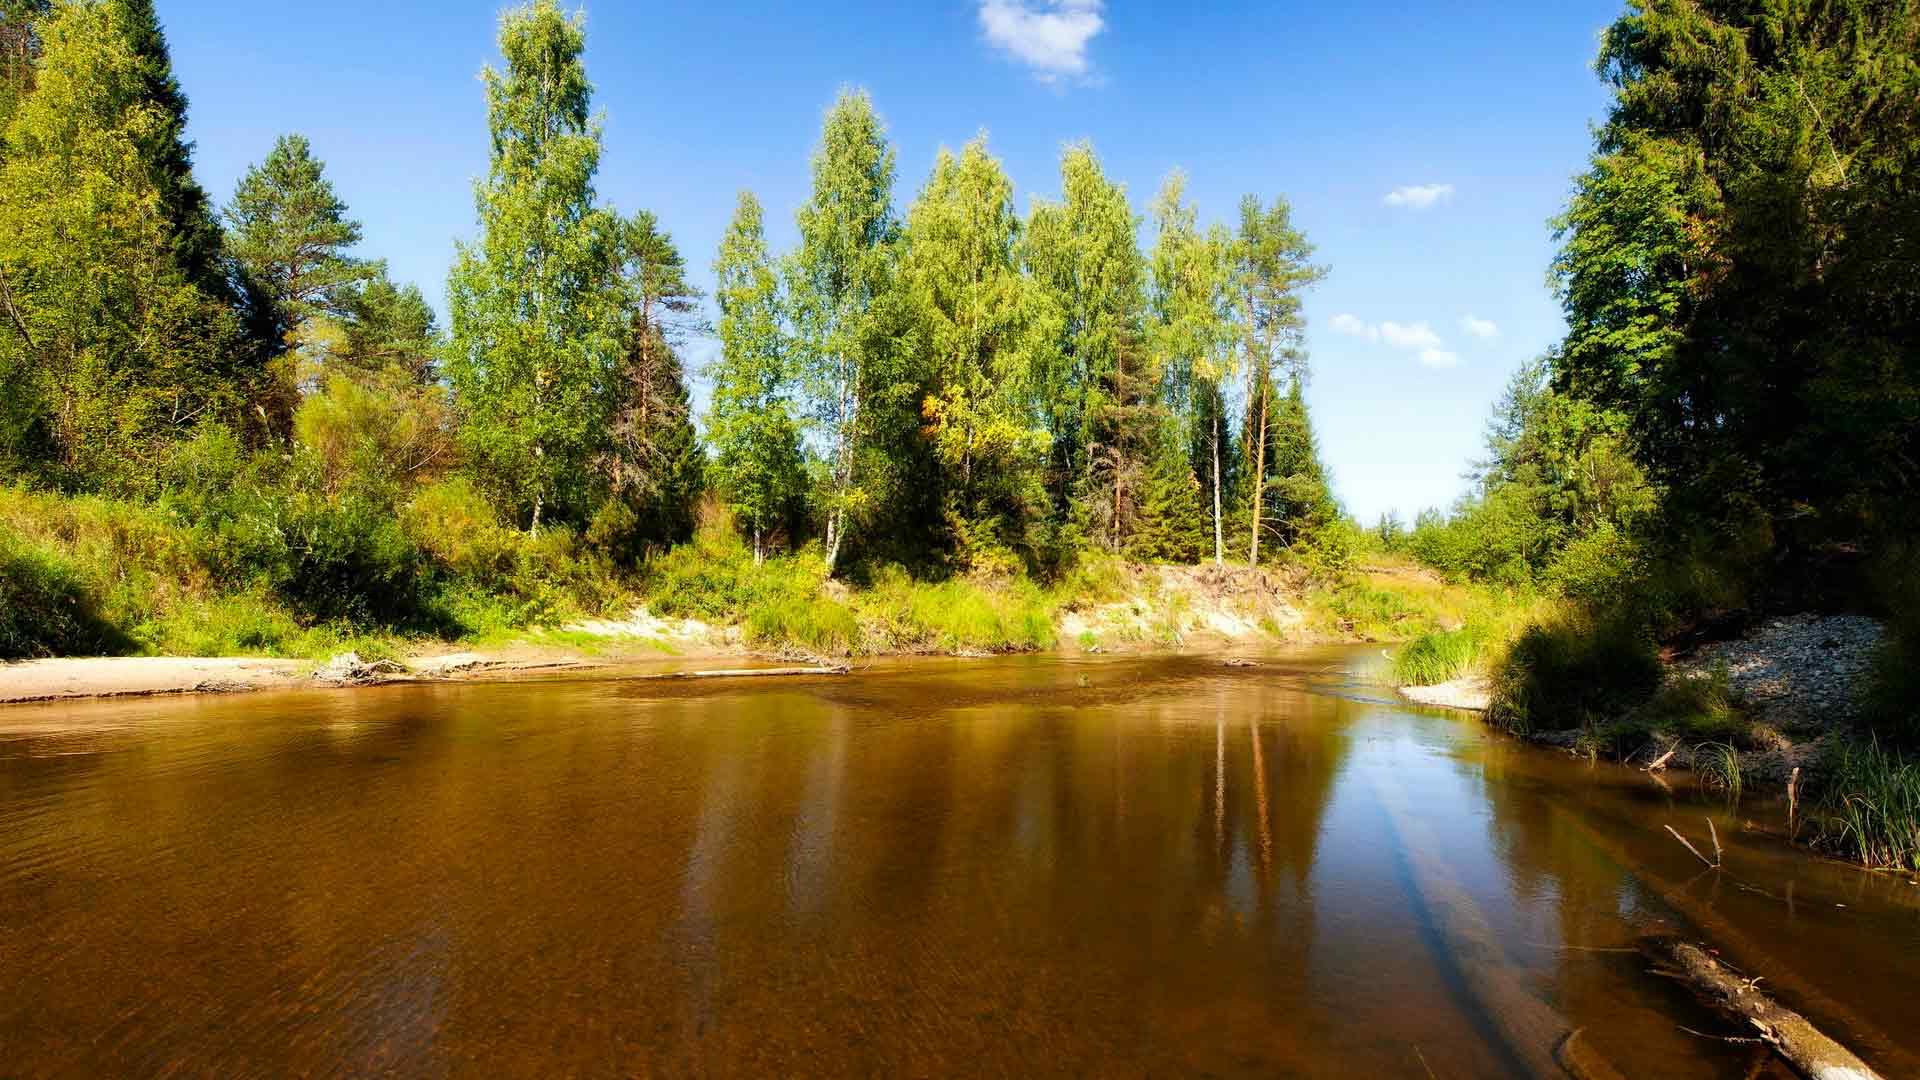 все реки с песчаными берегами фото красивых рек результате совместного